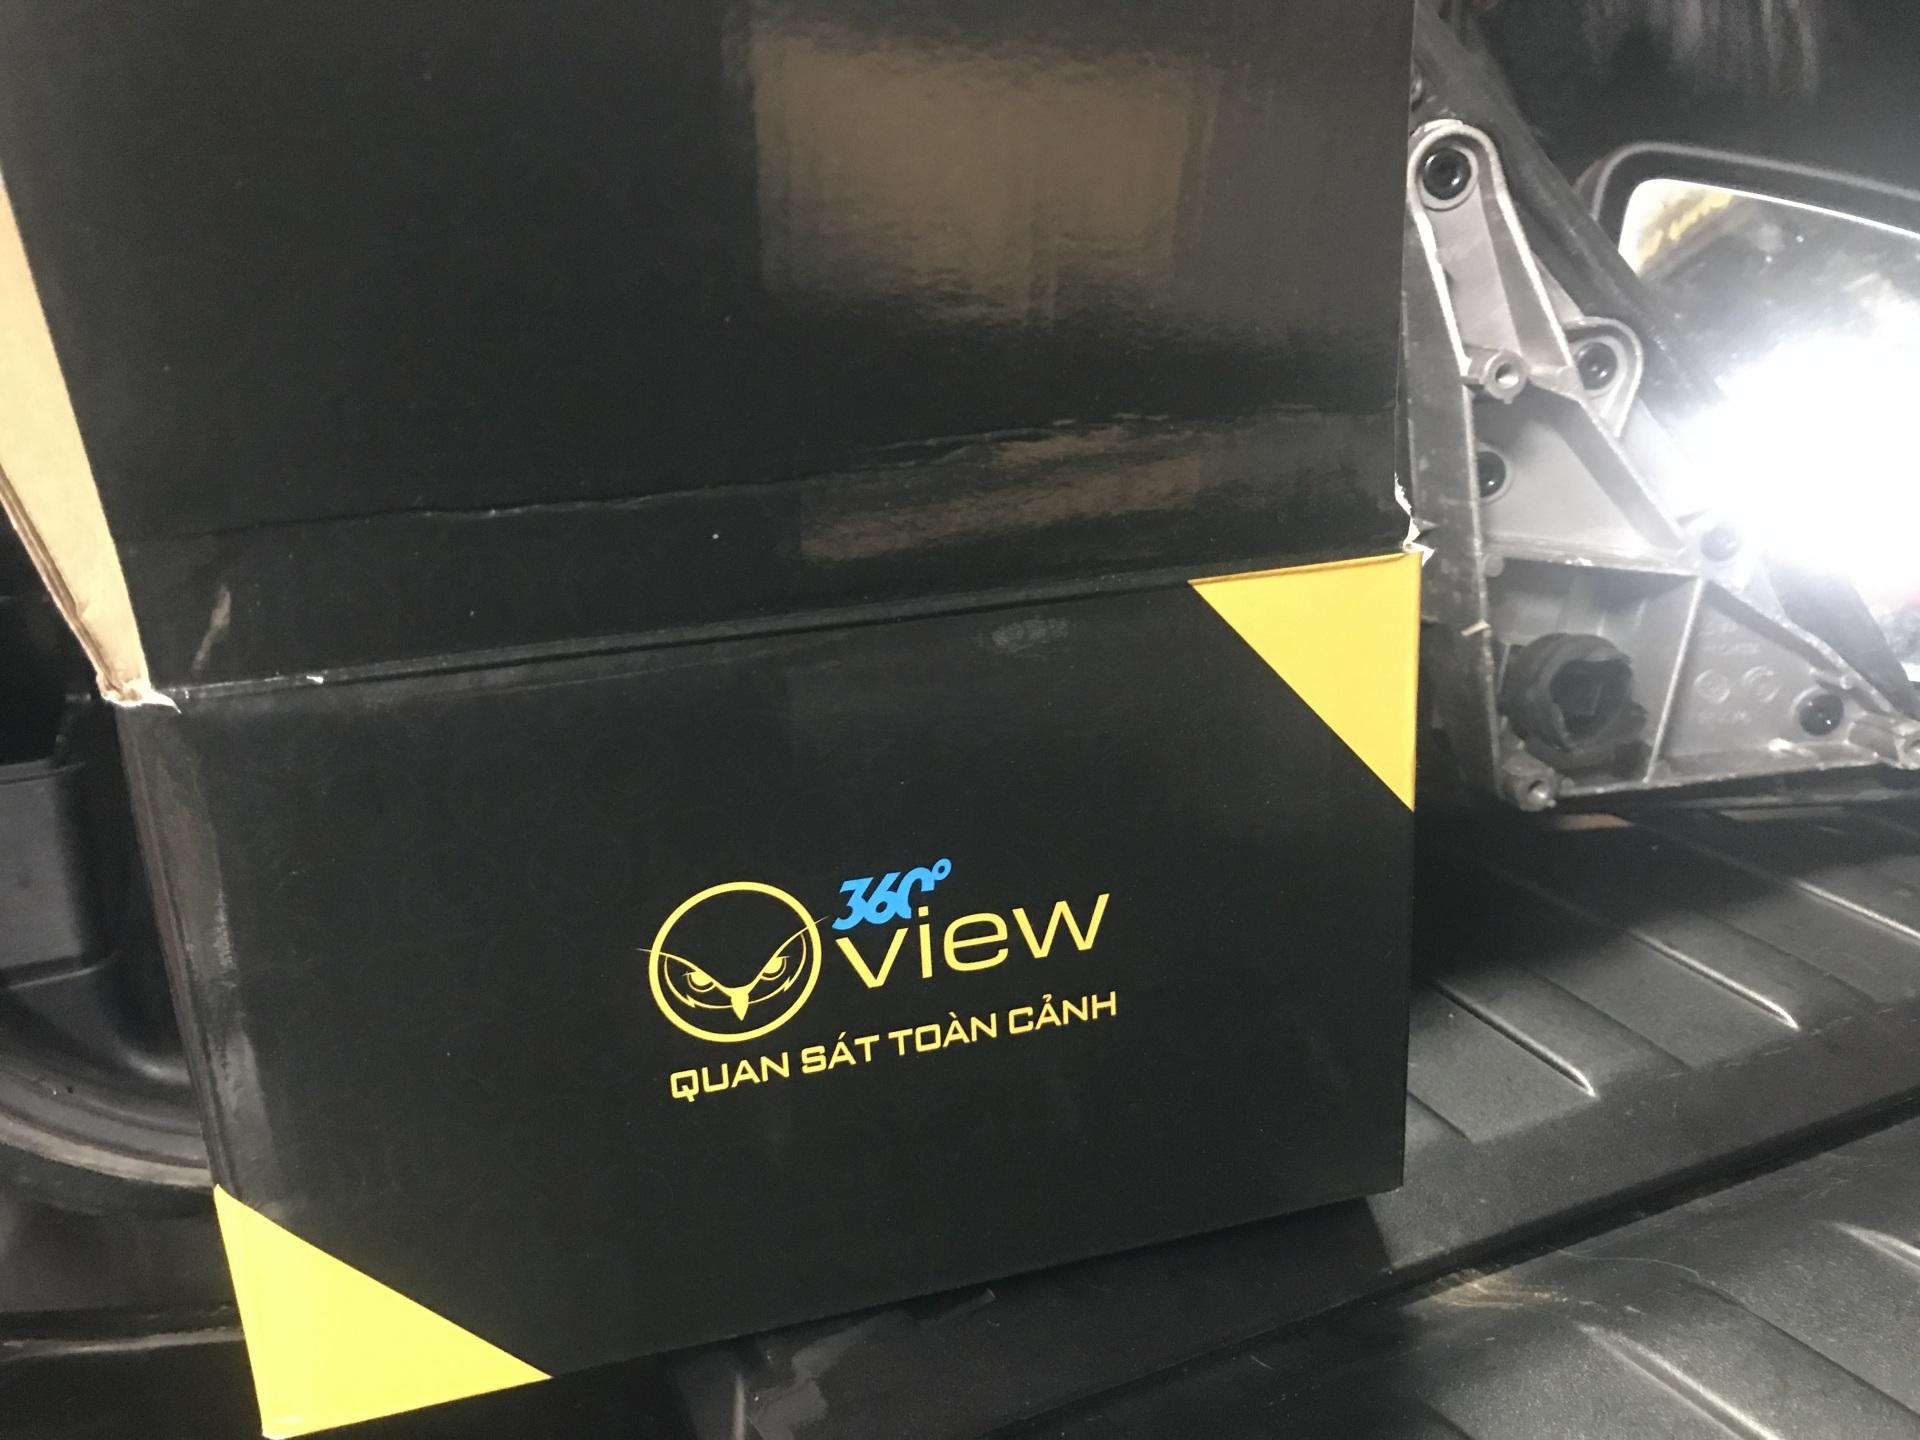 camera 360 do OView x5 bmw